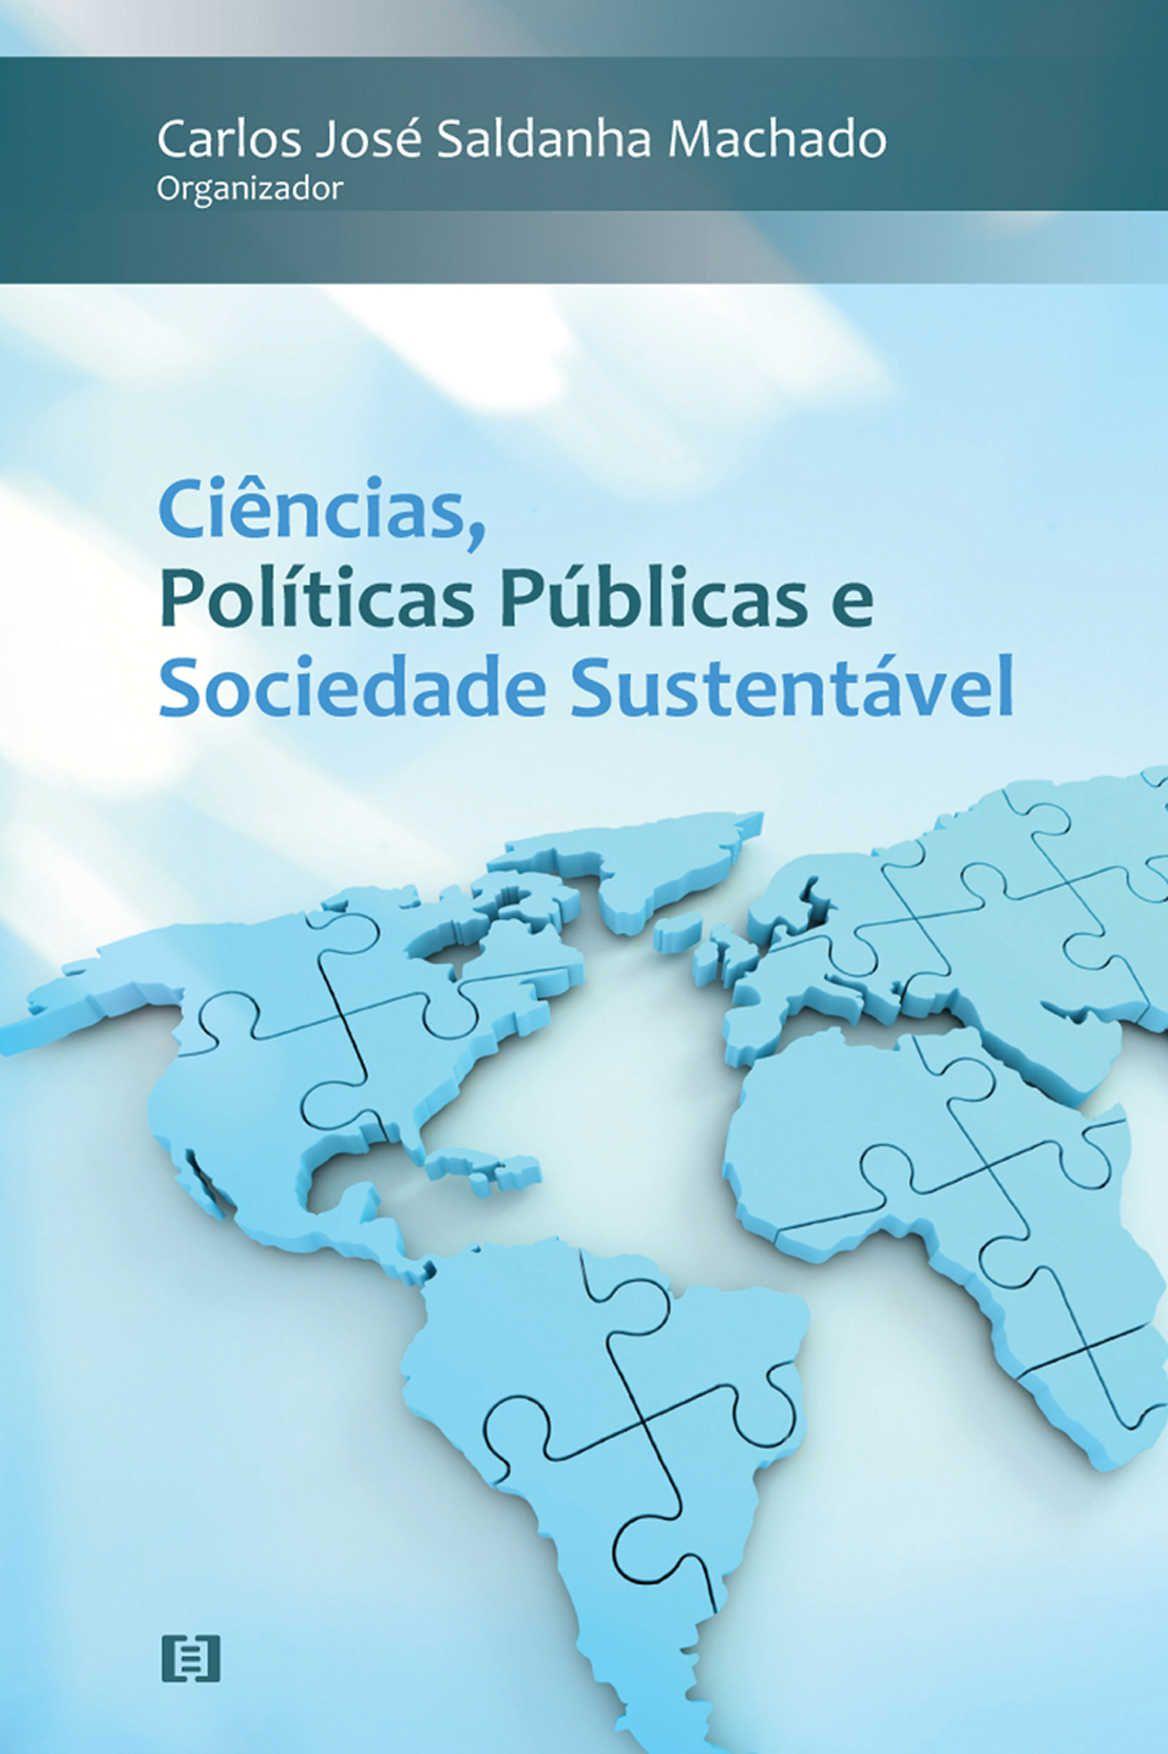 Ciências, Políticas Públicas e Sociedade Sustentável